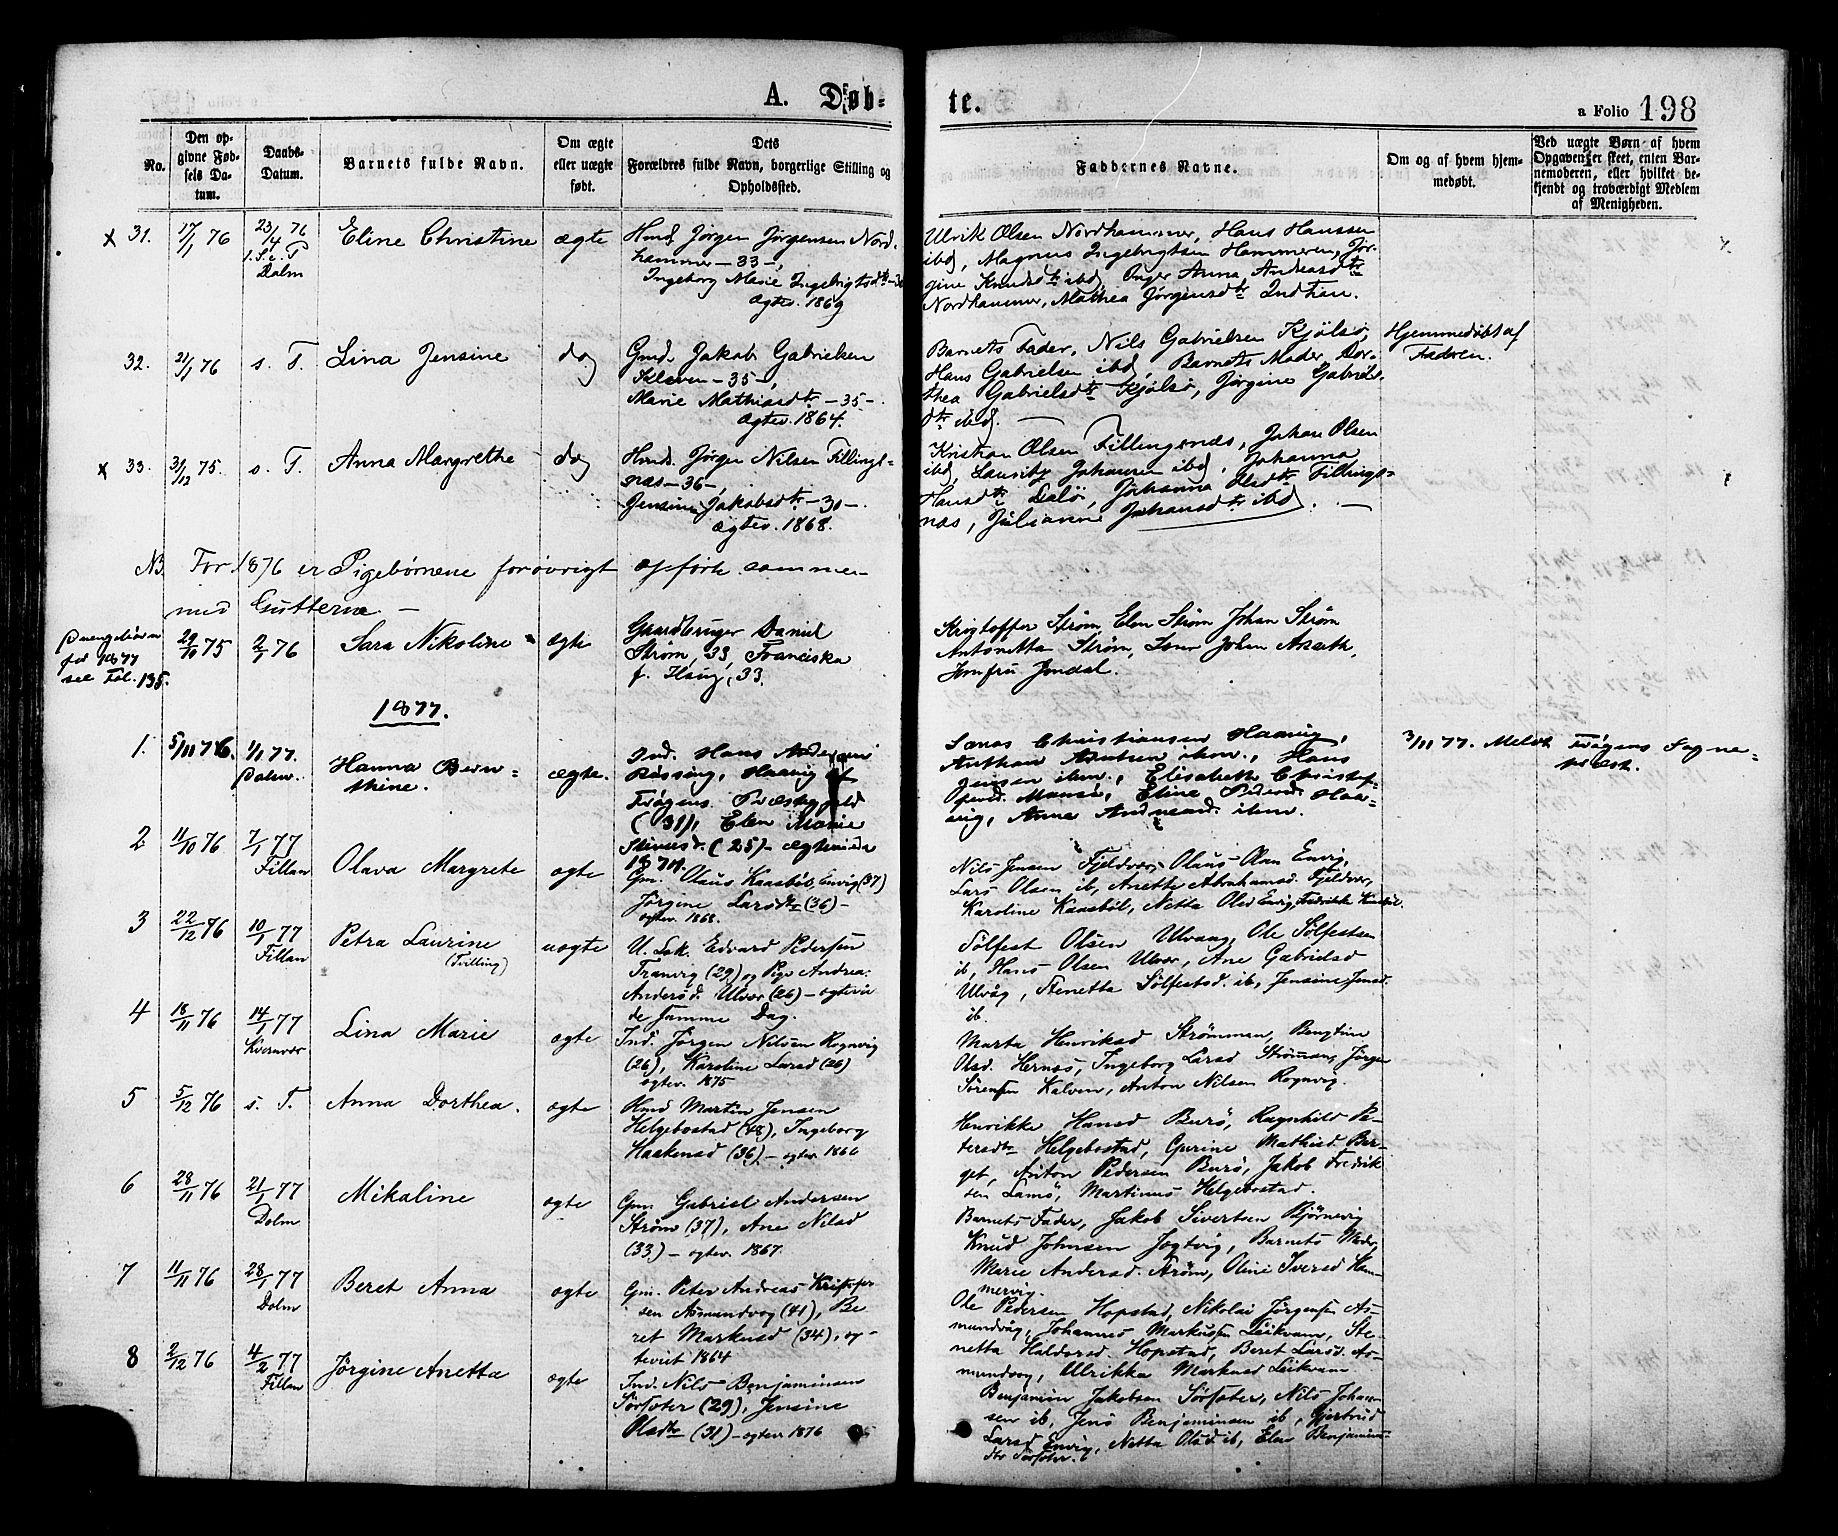 SAT, Ministerialprotokoller, klokkerbøker og fødselsregistre - Sør-Trøndelag, 634/L0532: Ministerialbok nr. 634A08, 1871-1881, s. 198